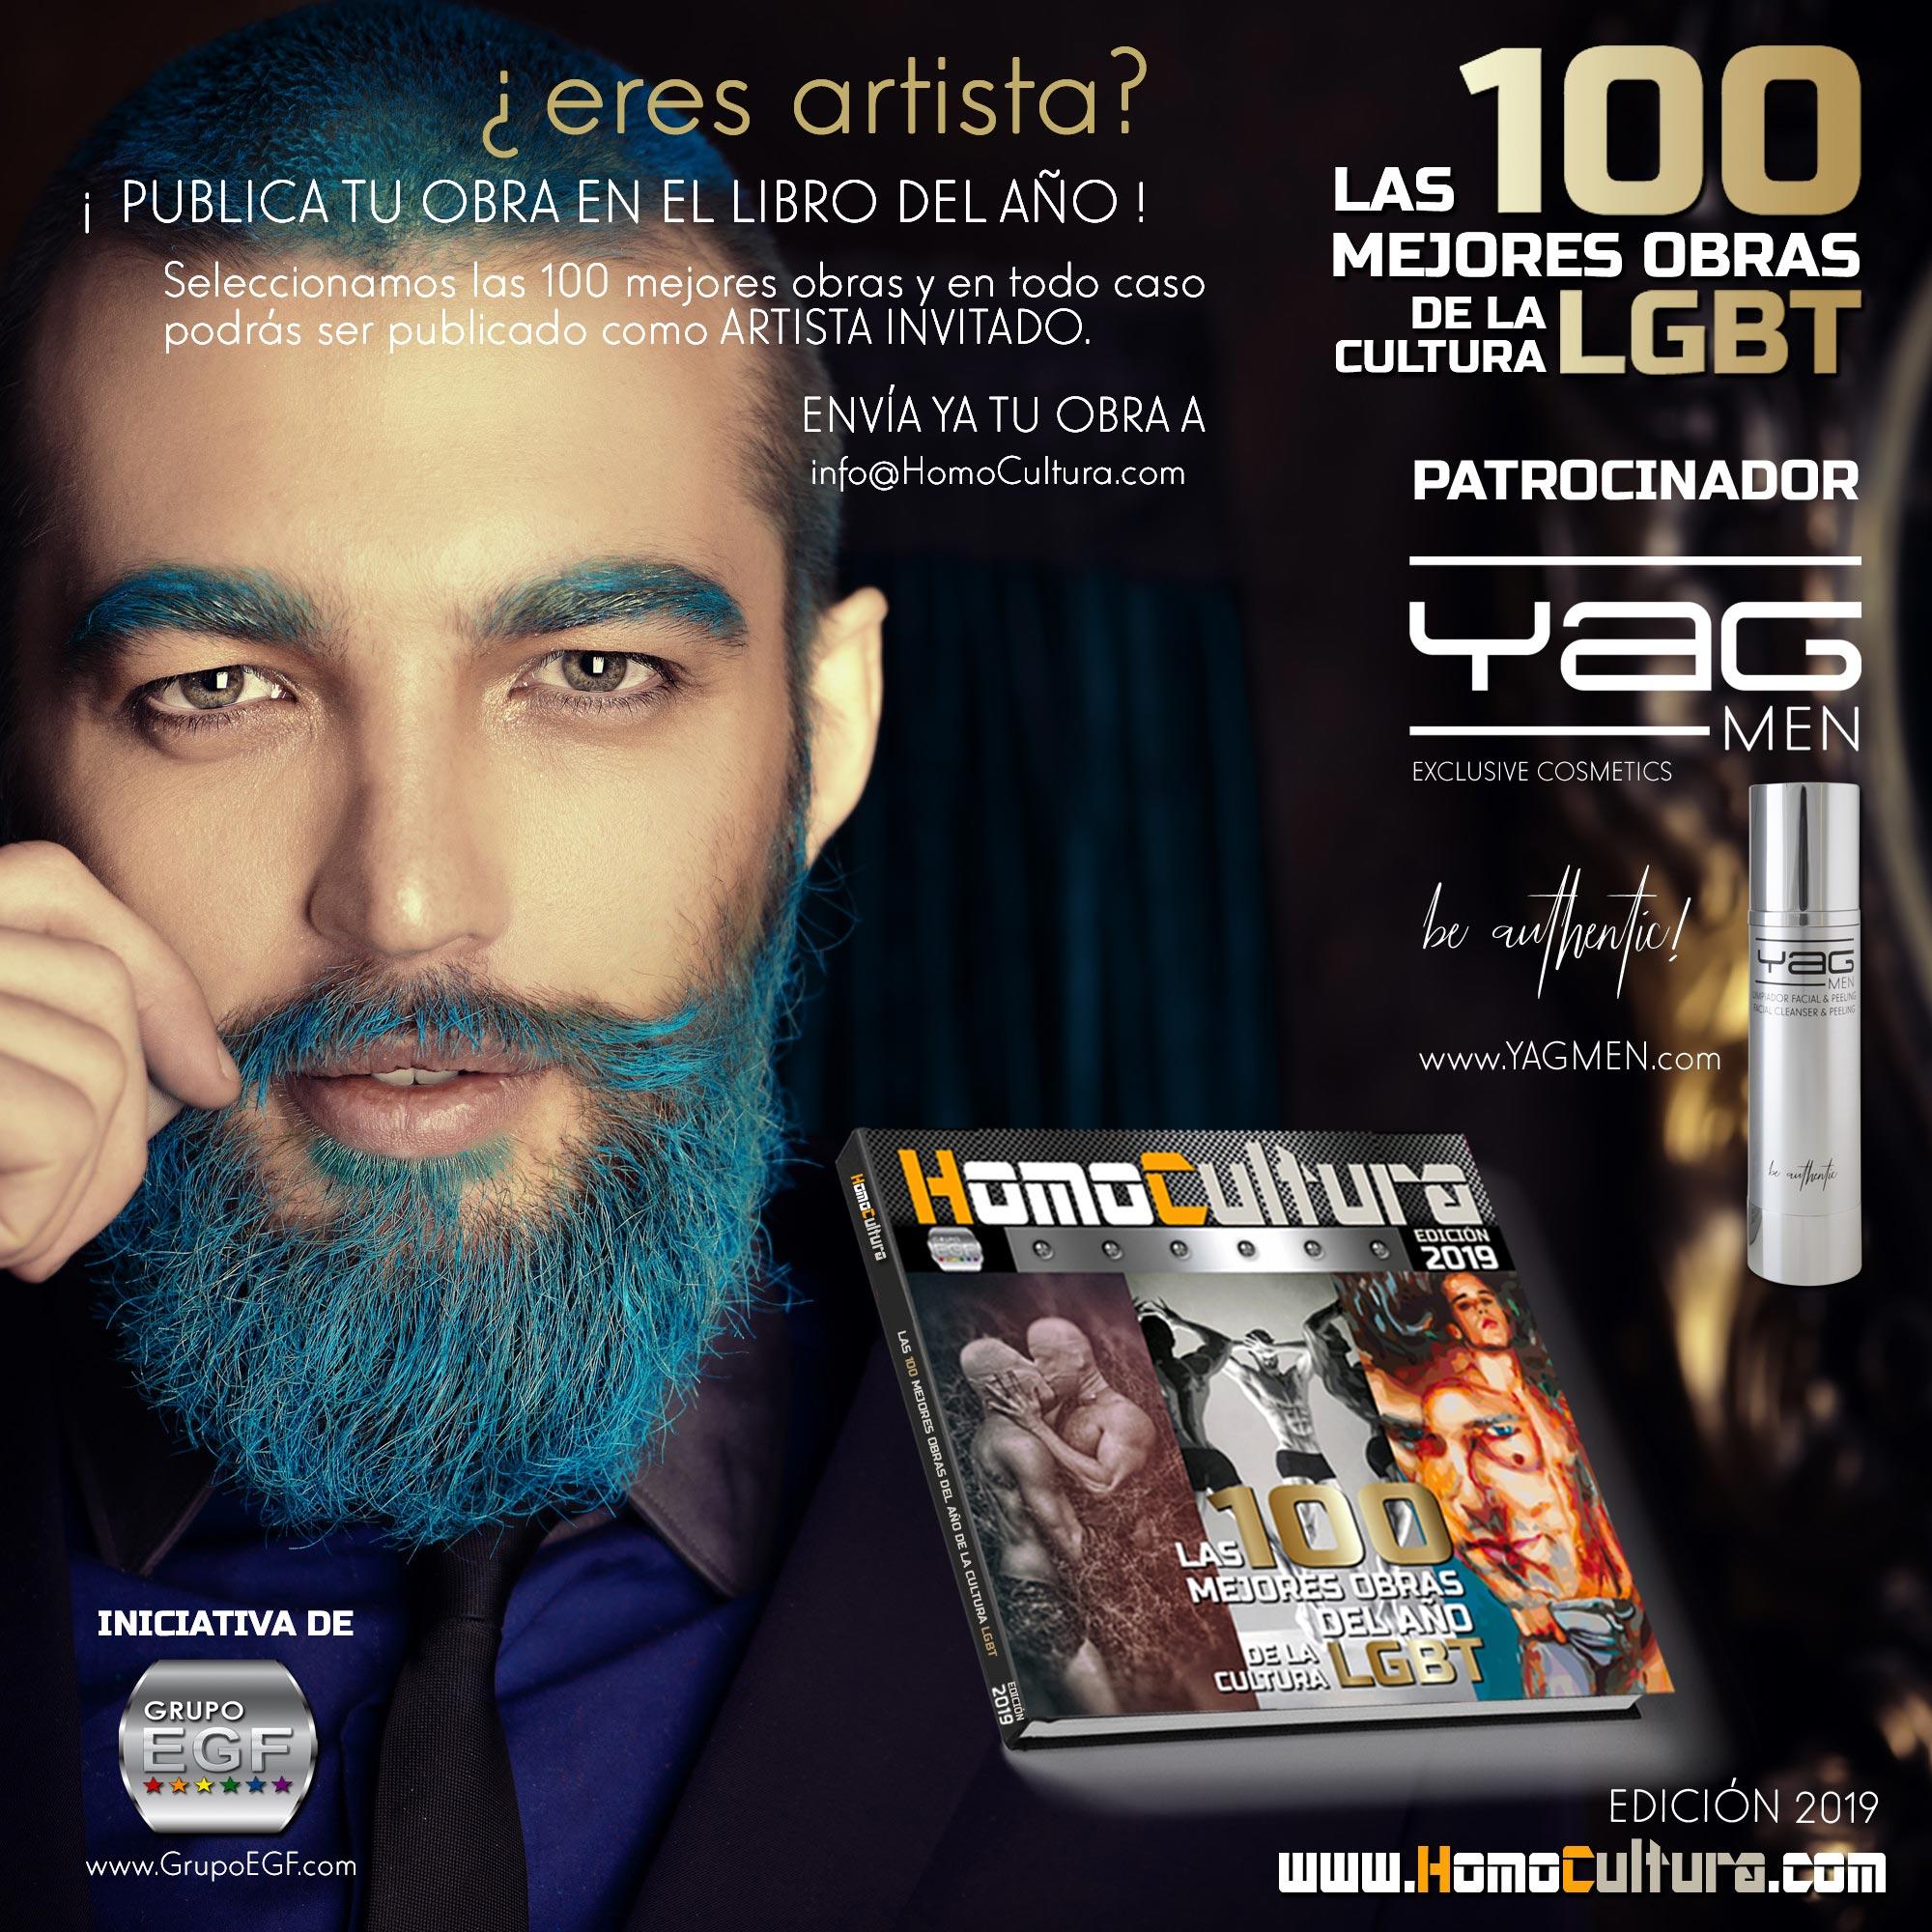 homocultura libro cultura gay LGBT